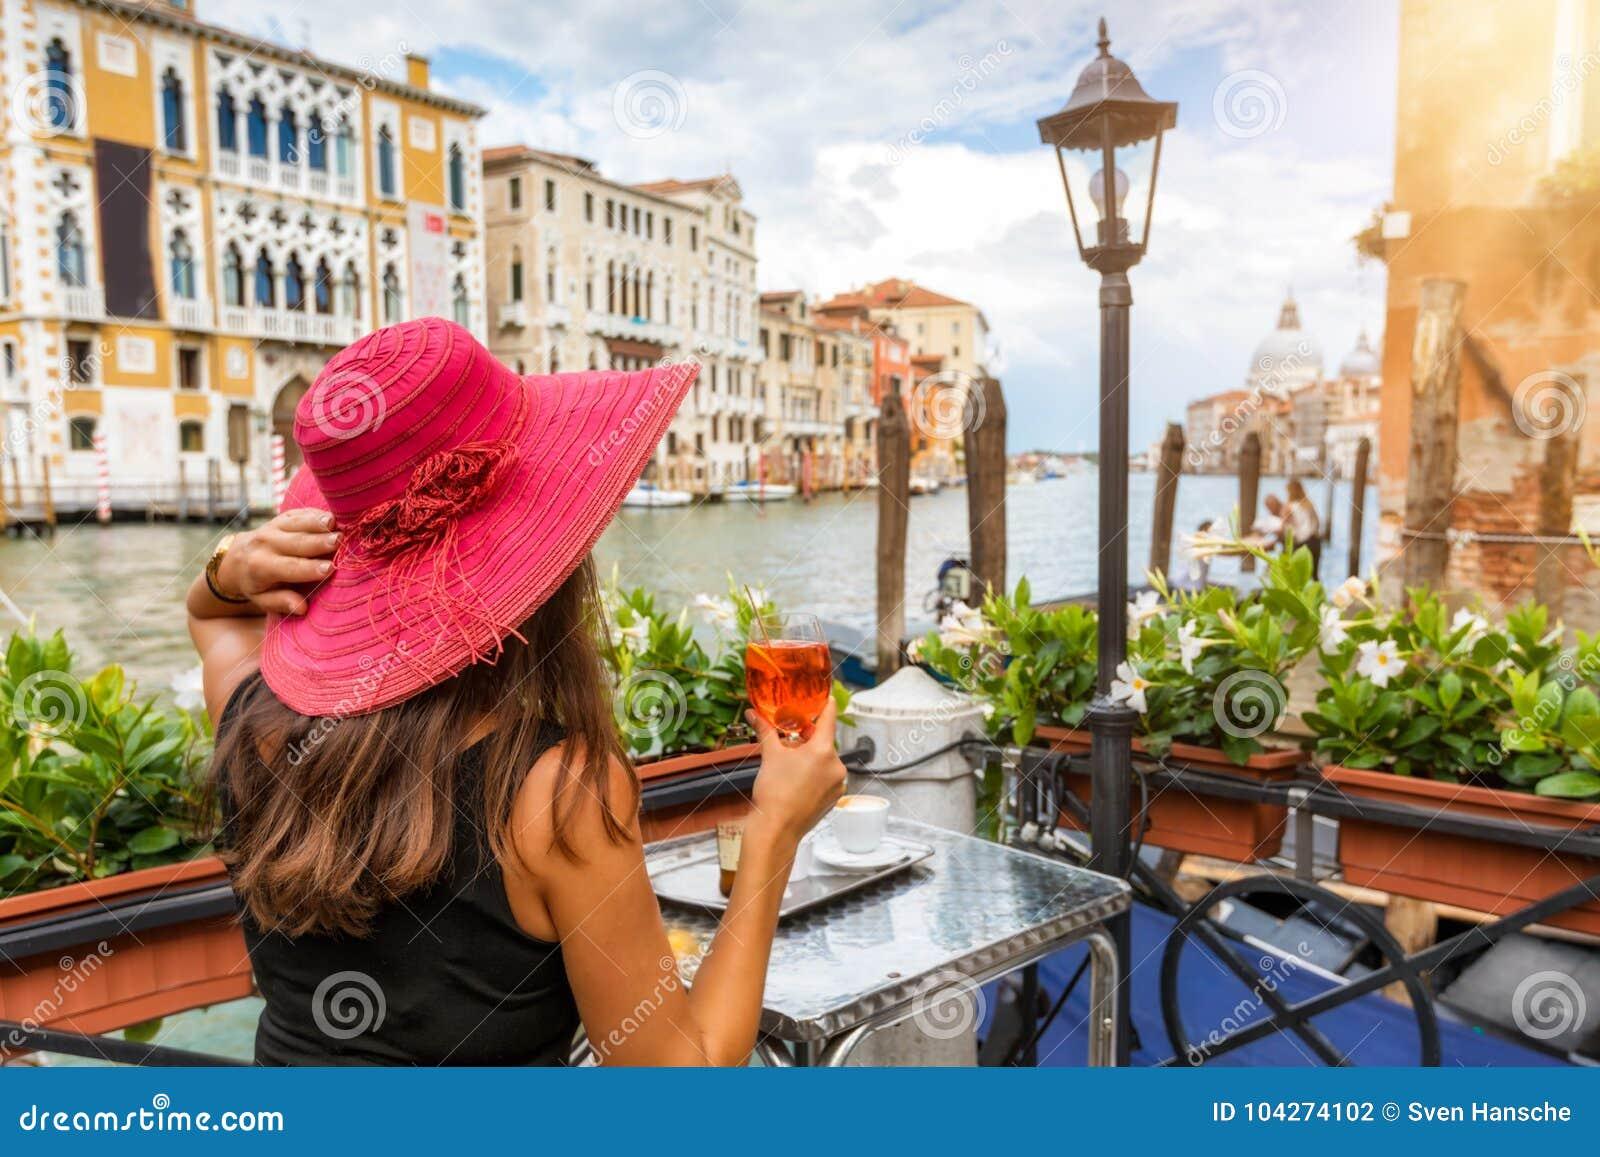 La mujer elegante goza de un aperitivo que se sienta al lado del Canale grande